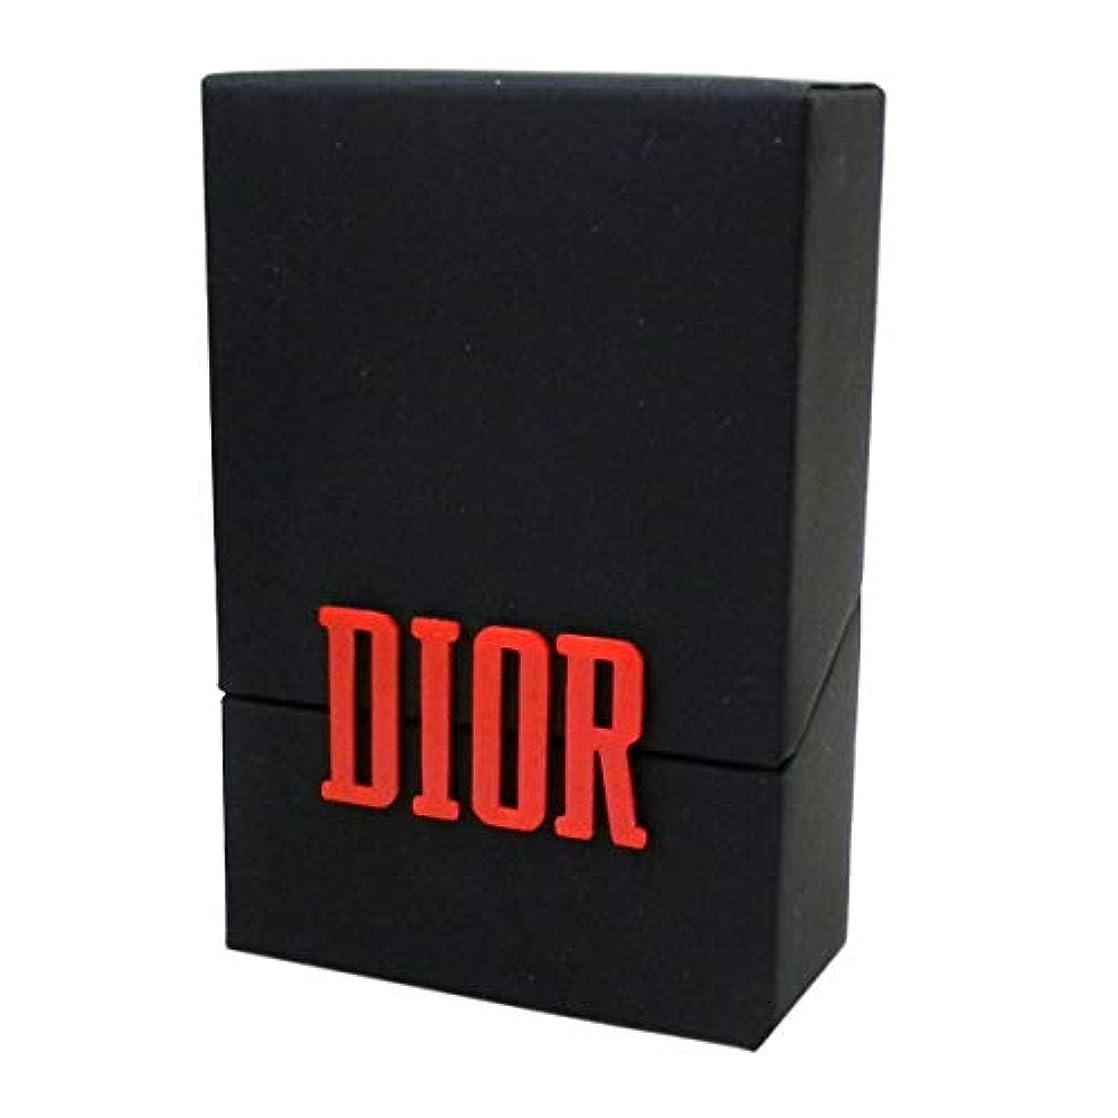 卵輸血アライメントDior ディオール リップルージュ#999 リップ ポーチ ギフト 化粧 メイク 赤 レッド 口紅 携帯 持ち運び 箱 ボックス 2本セット セット コスメ